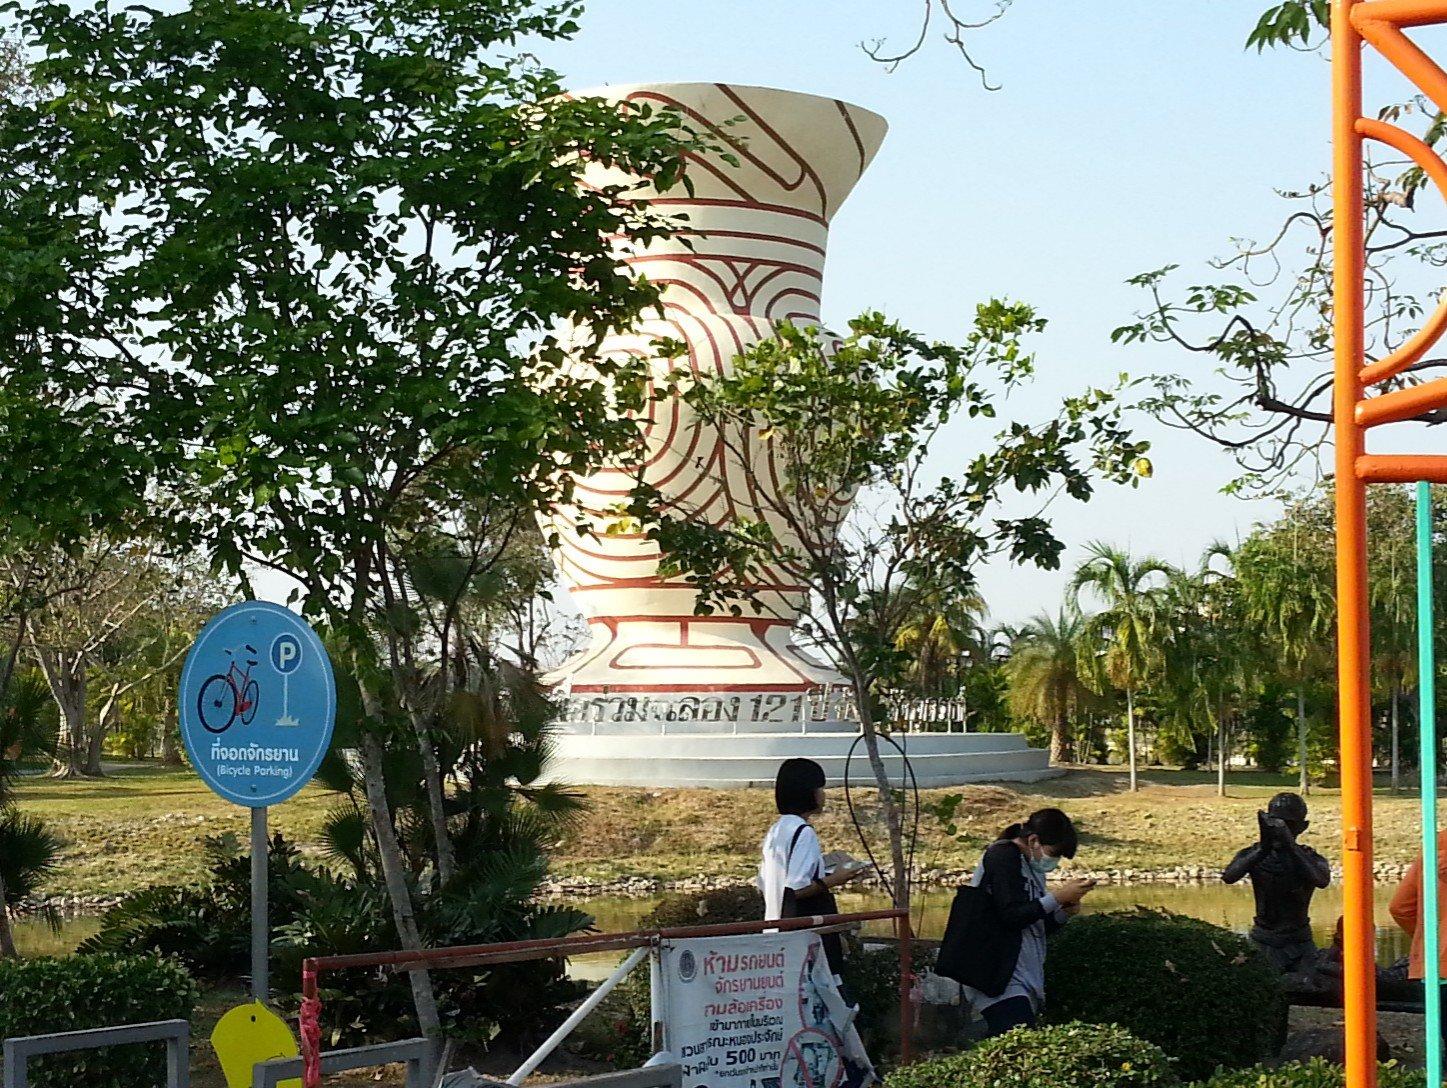 Ban Chiang style vase at Nong Prajak Park